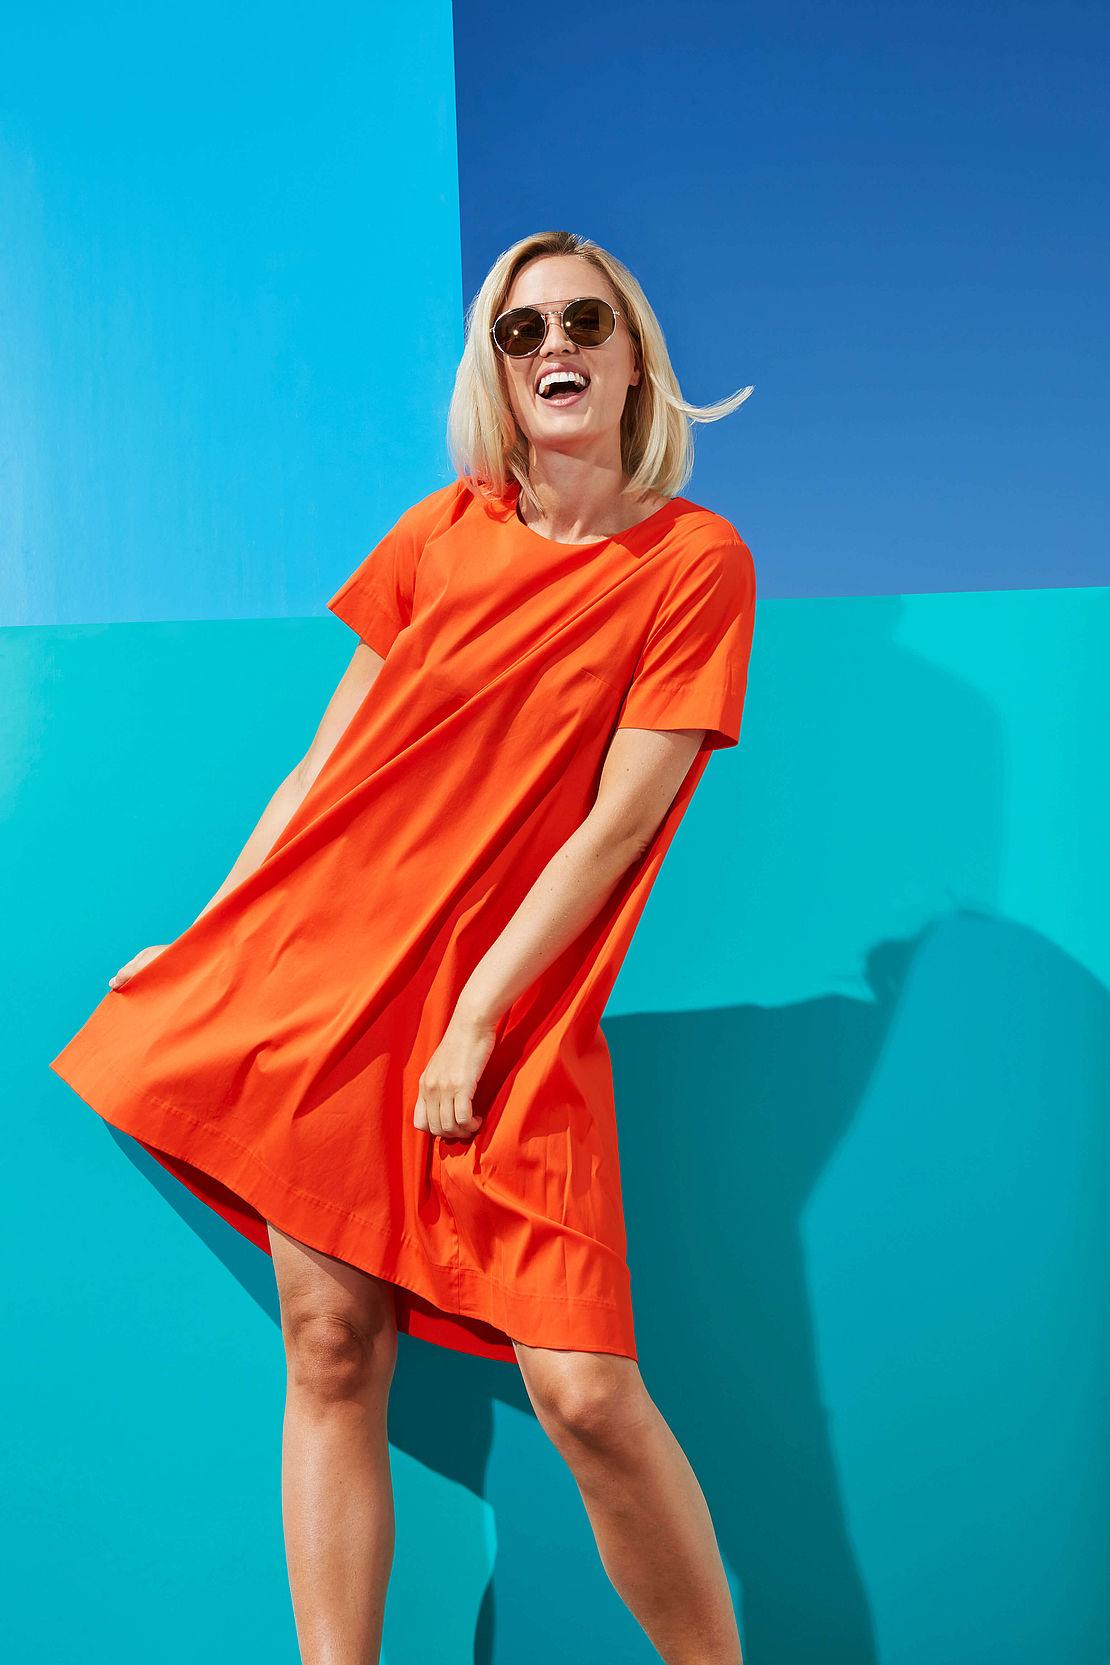 Frau mit runder Sonnenbrille Modell 3021189